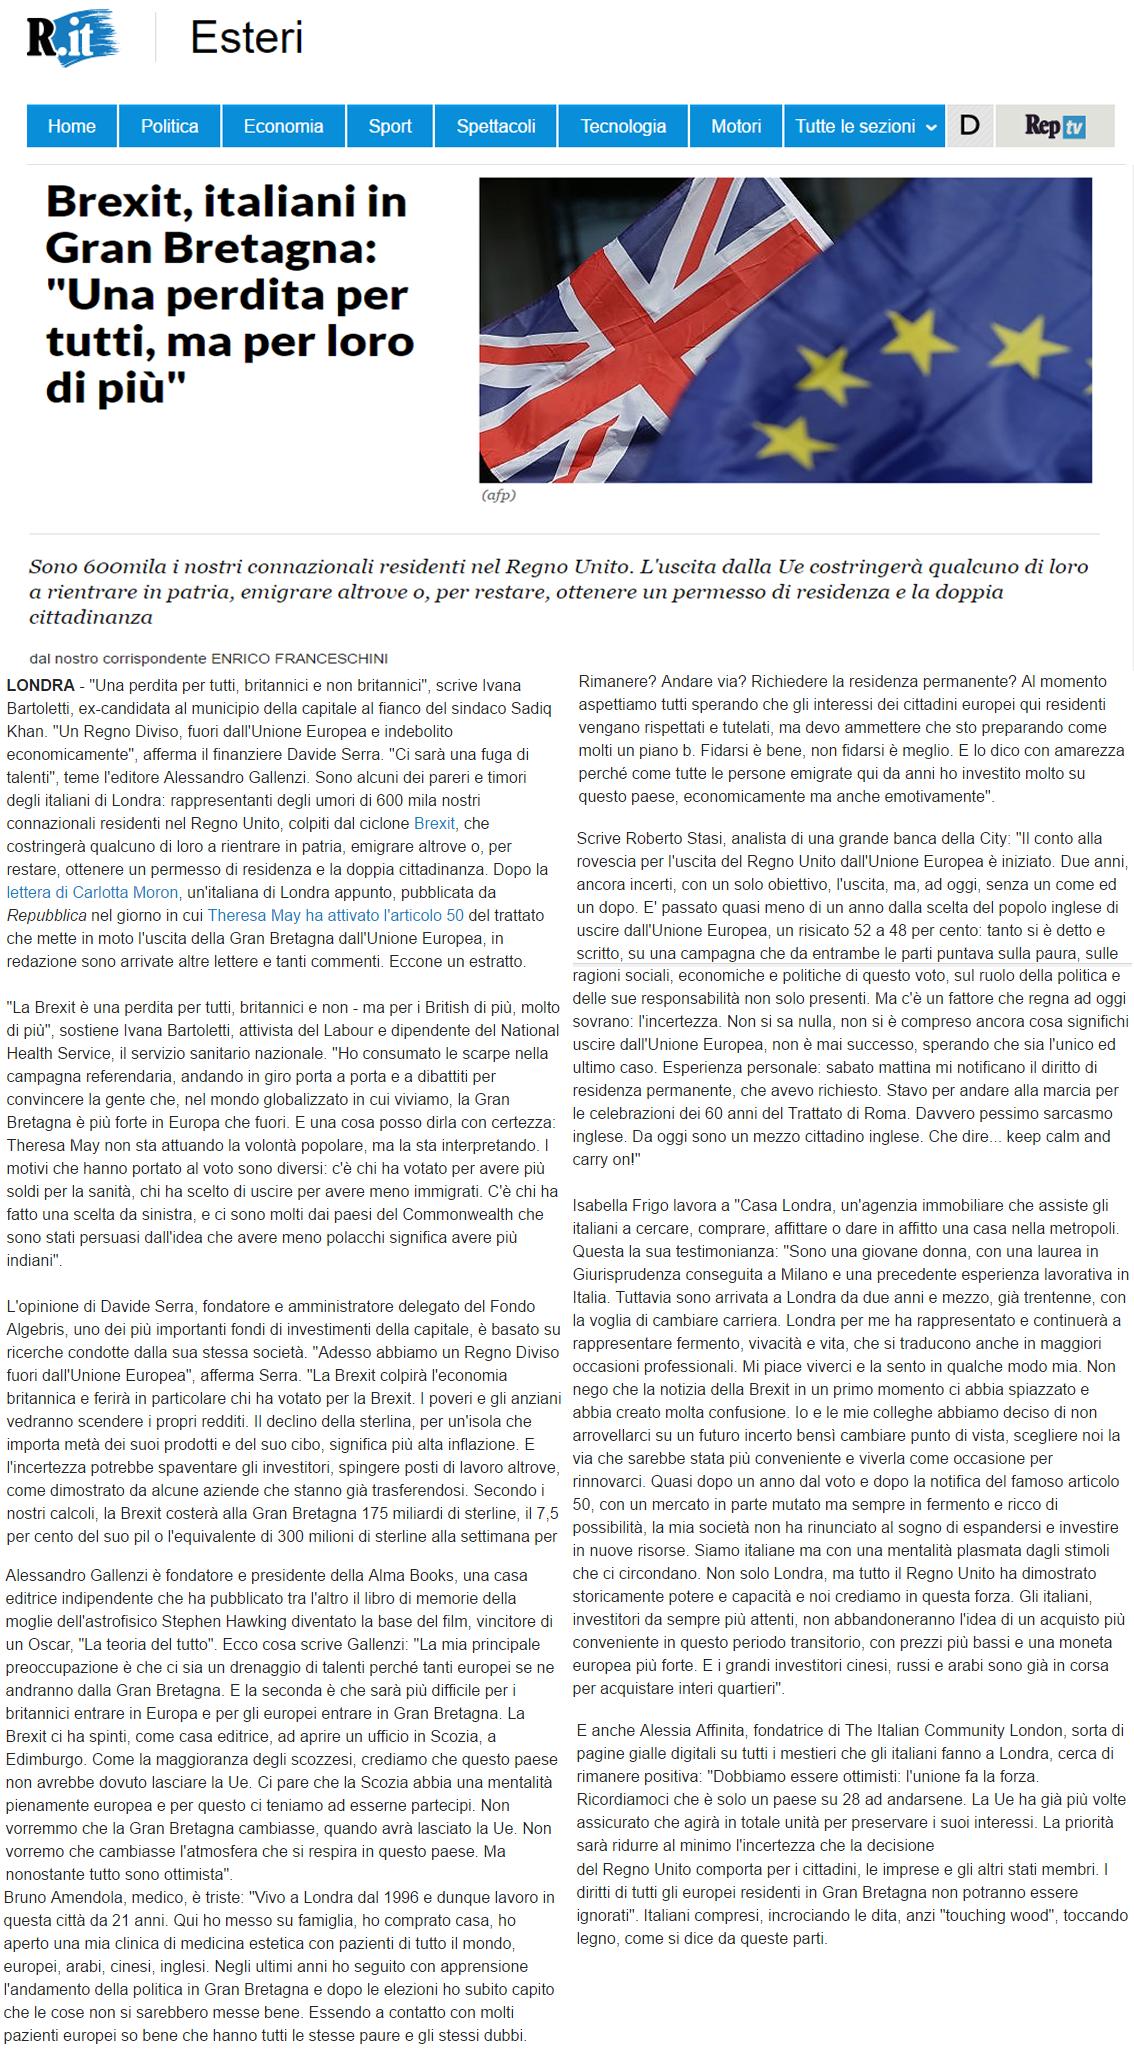 articolo-repubbilica-5-4-2017